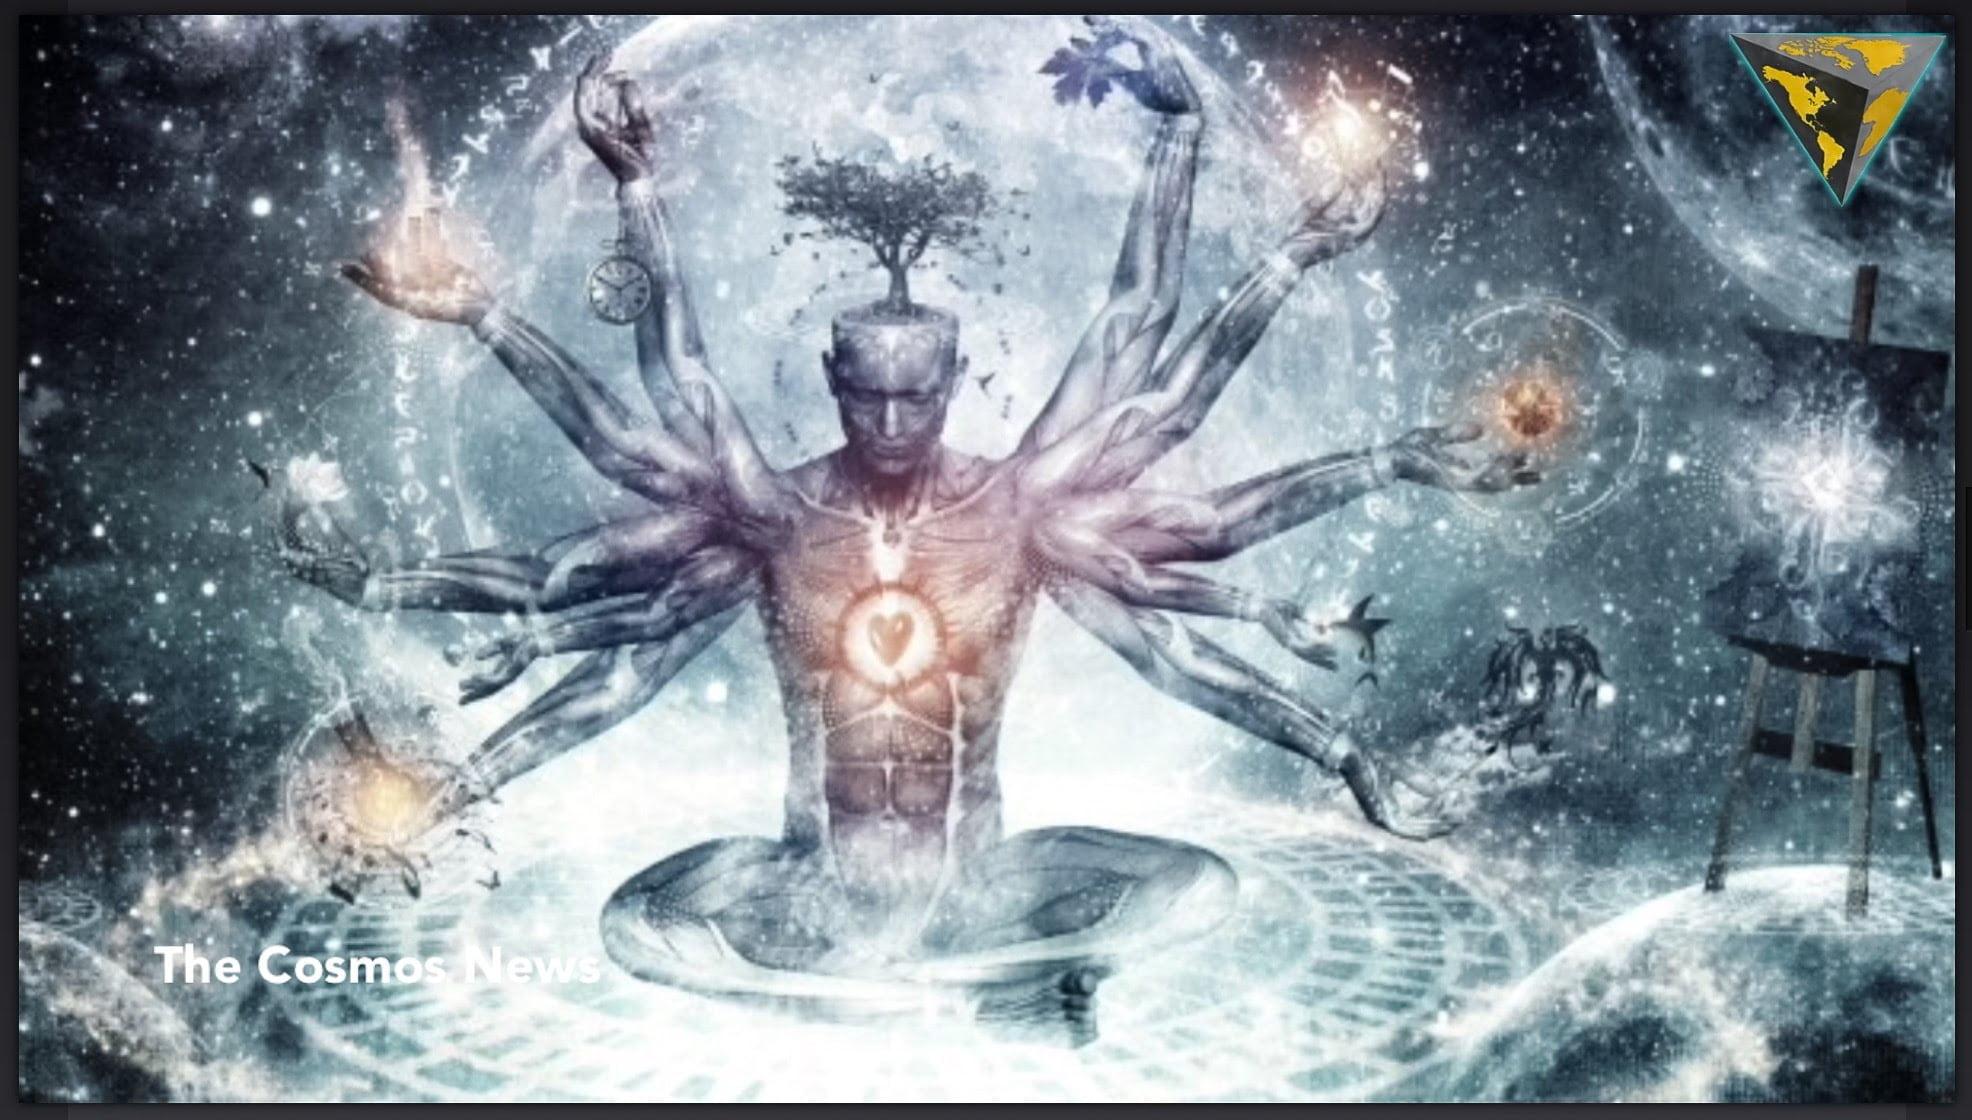 Consciencia vive en estado cuántico después de la muerte